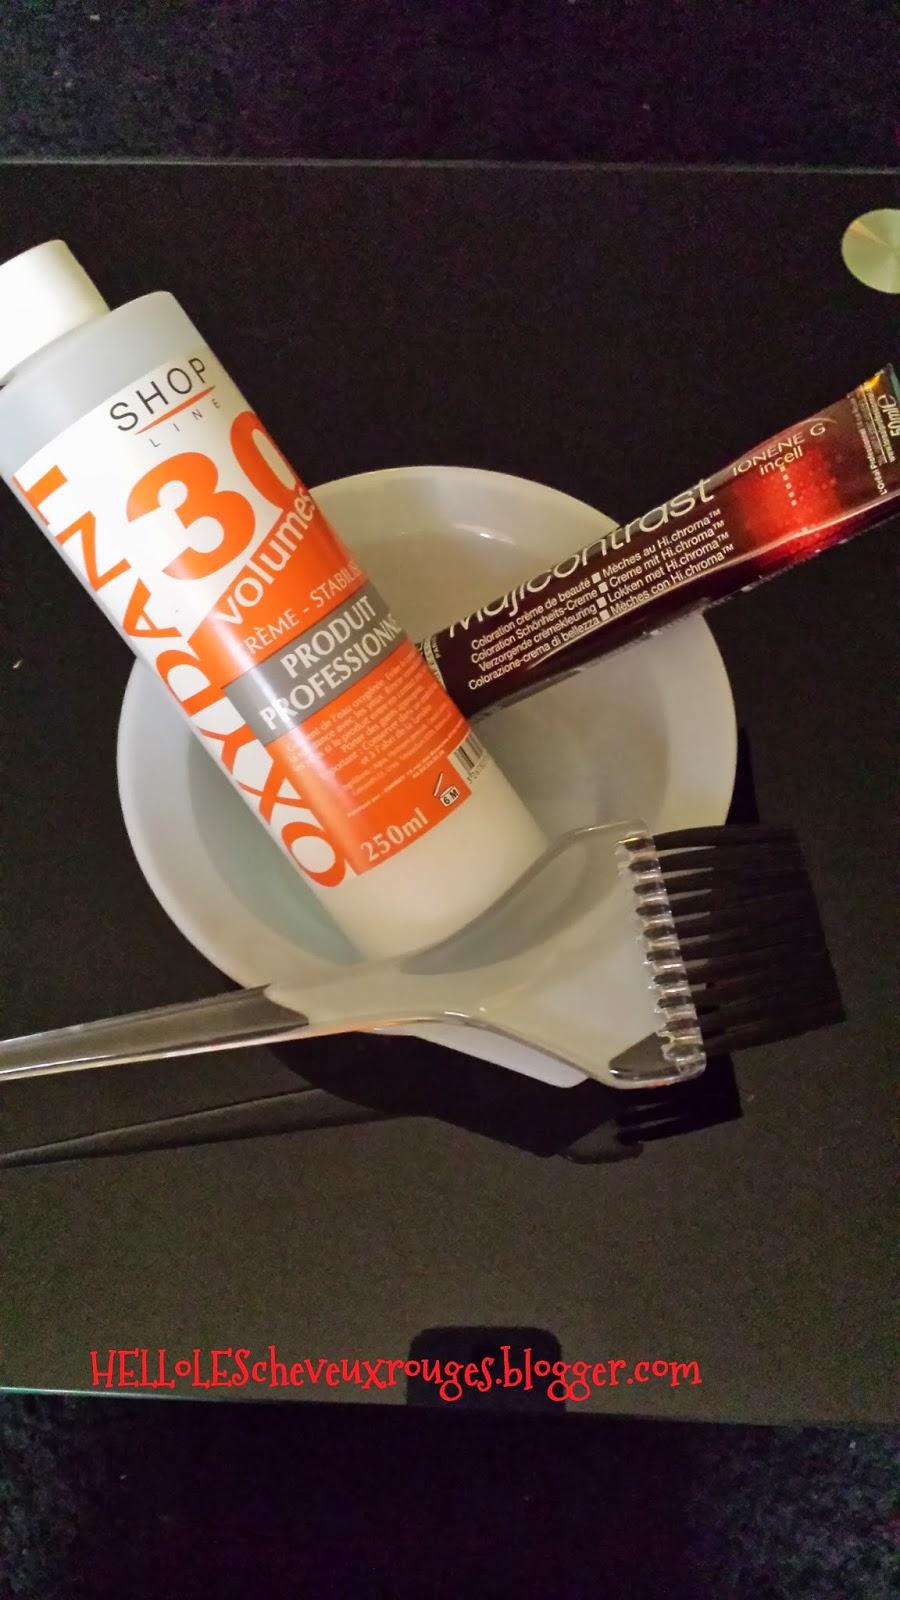 préparation il faut un bol, un pinceau, un flacon d'oxydant, le tube de coloration du Majicontrast Rouge de chez L'Oréal Professionnel